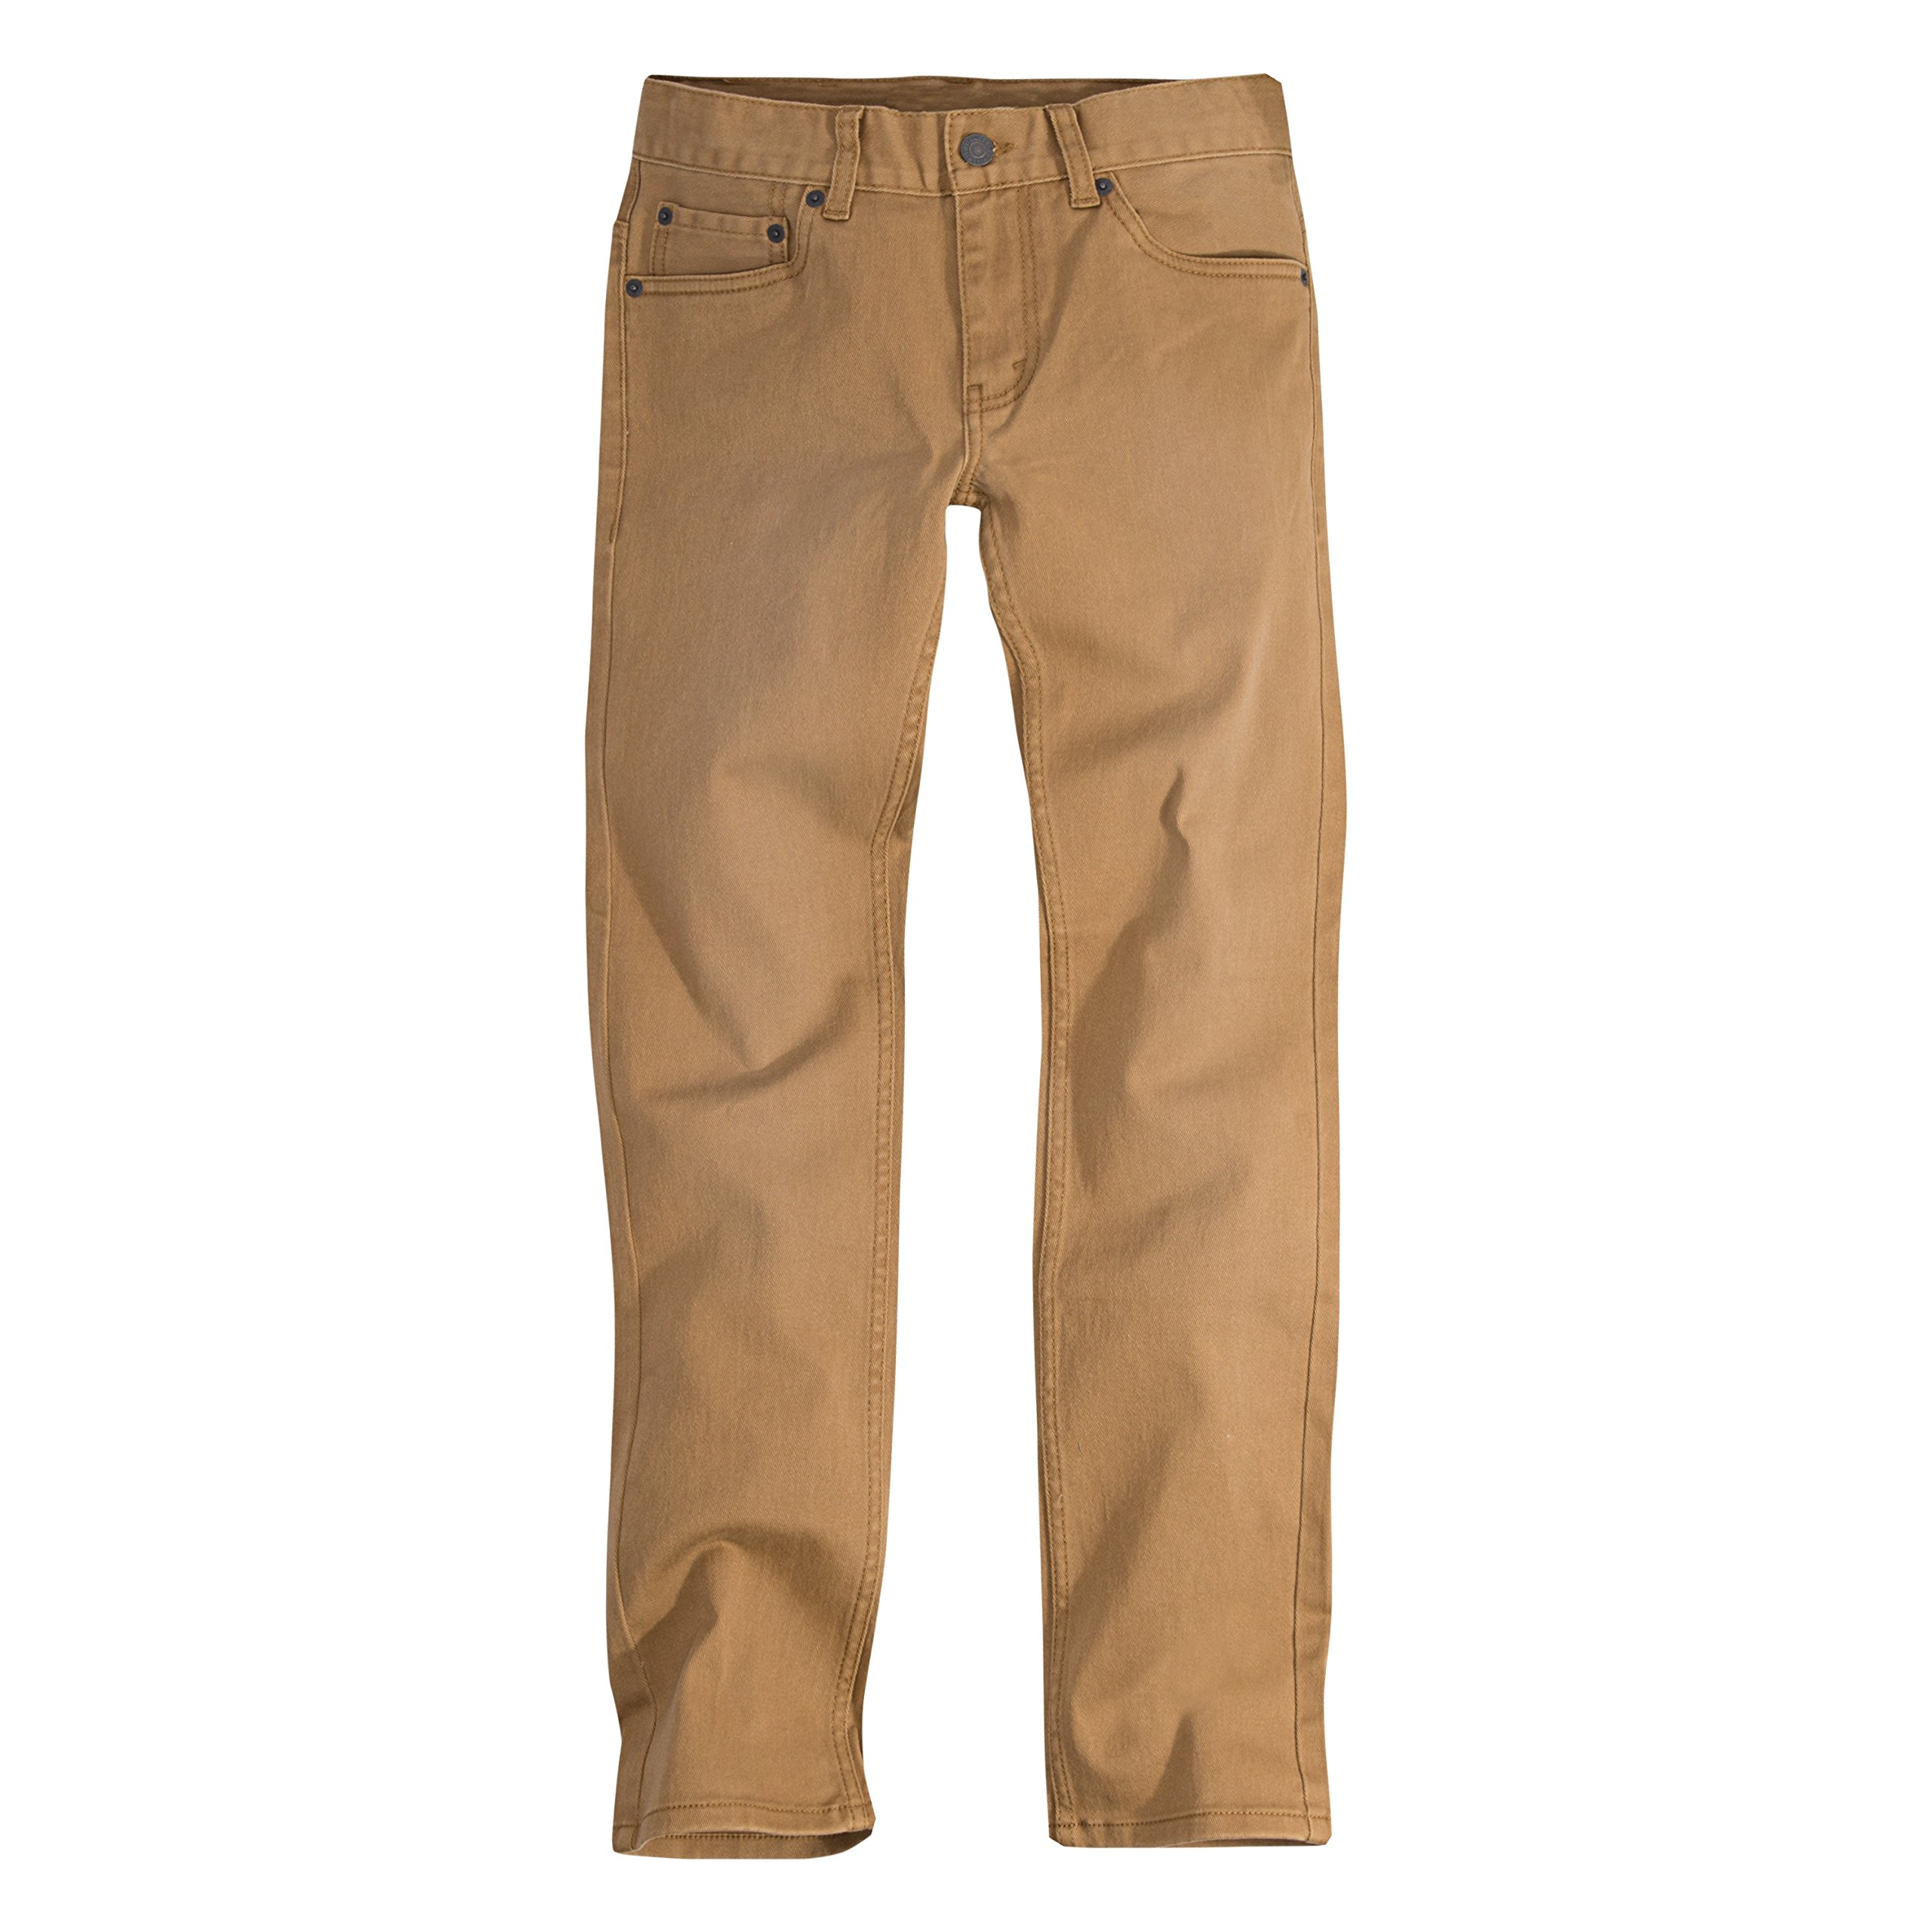 Levi's Boys' Big 511 Slim Fit Color Jeans, Dijon, 16